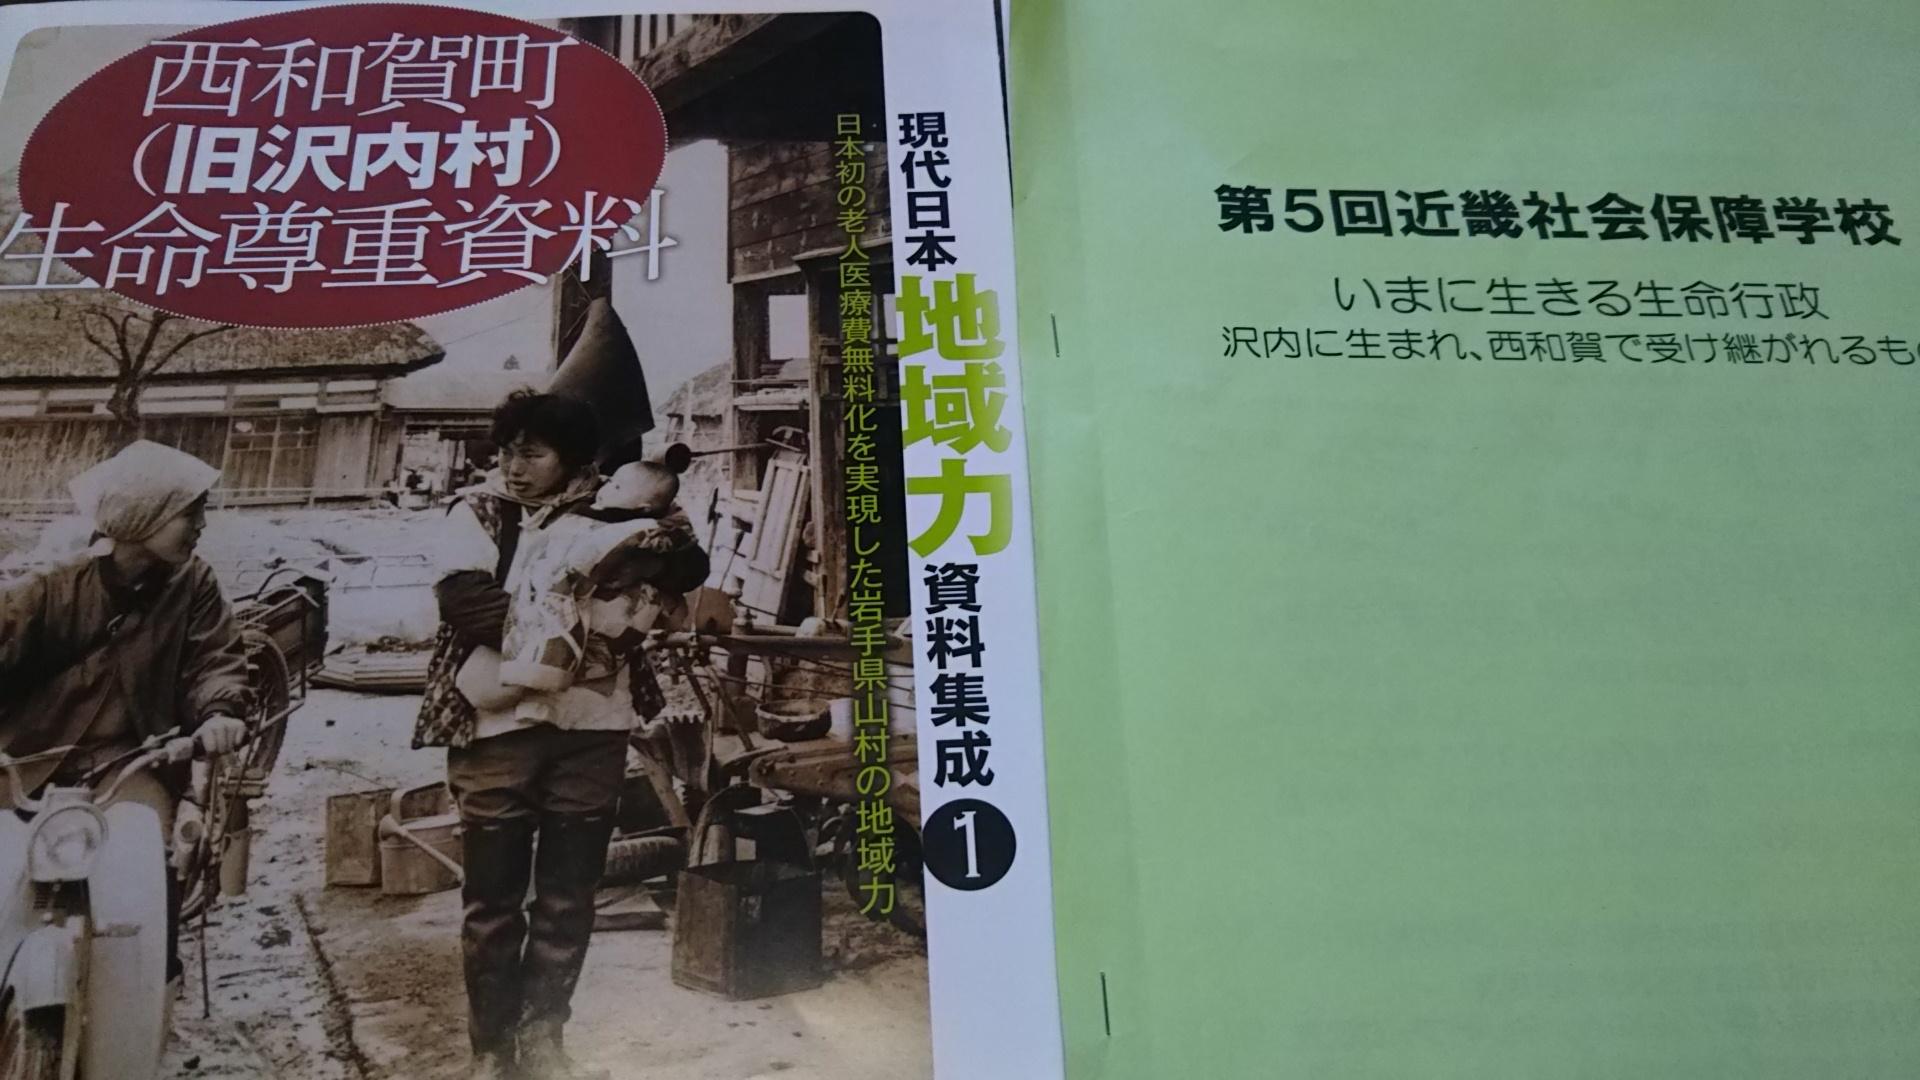 生命尊重の行政、沢内村(現、西和賀町)で受け継がれている物事の…近畿社会保障学校で学んで来ました